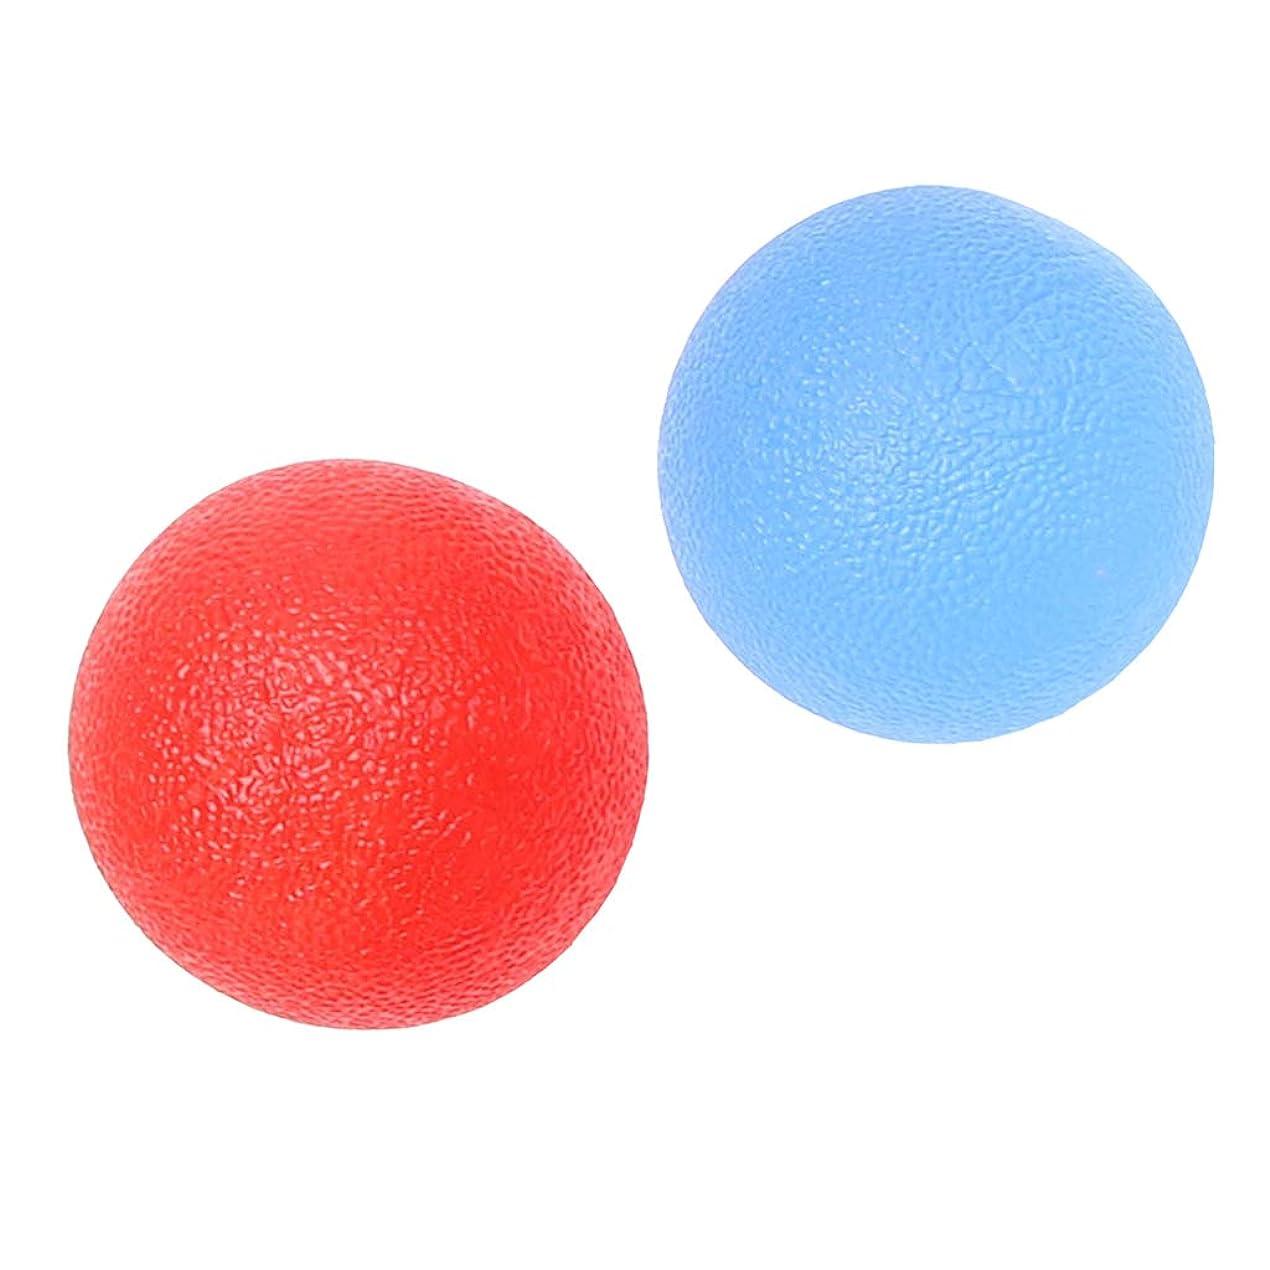 バリー侵略高層ビルFLAMEER 2個 ハンドエクササイズボール ハンドグリップ シリコン 指トレーニング ストレス緩和 柔軟 赤/青